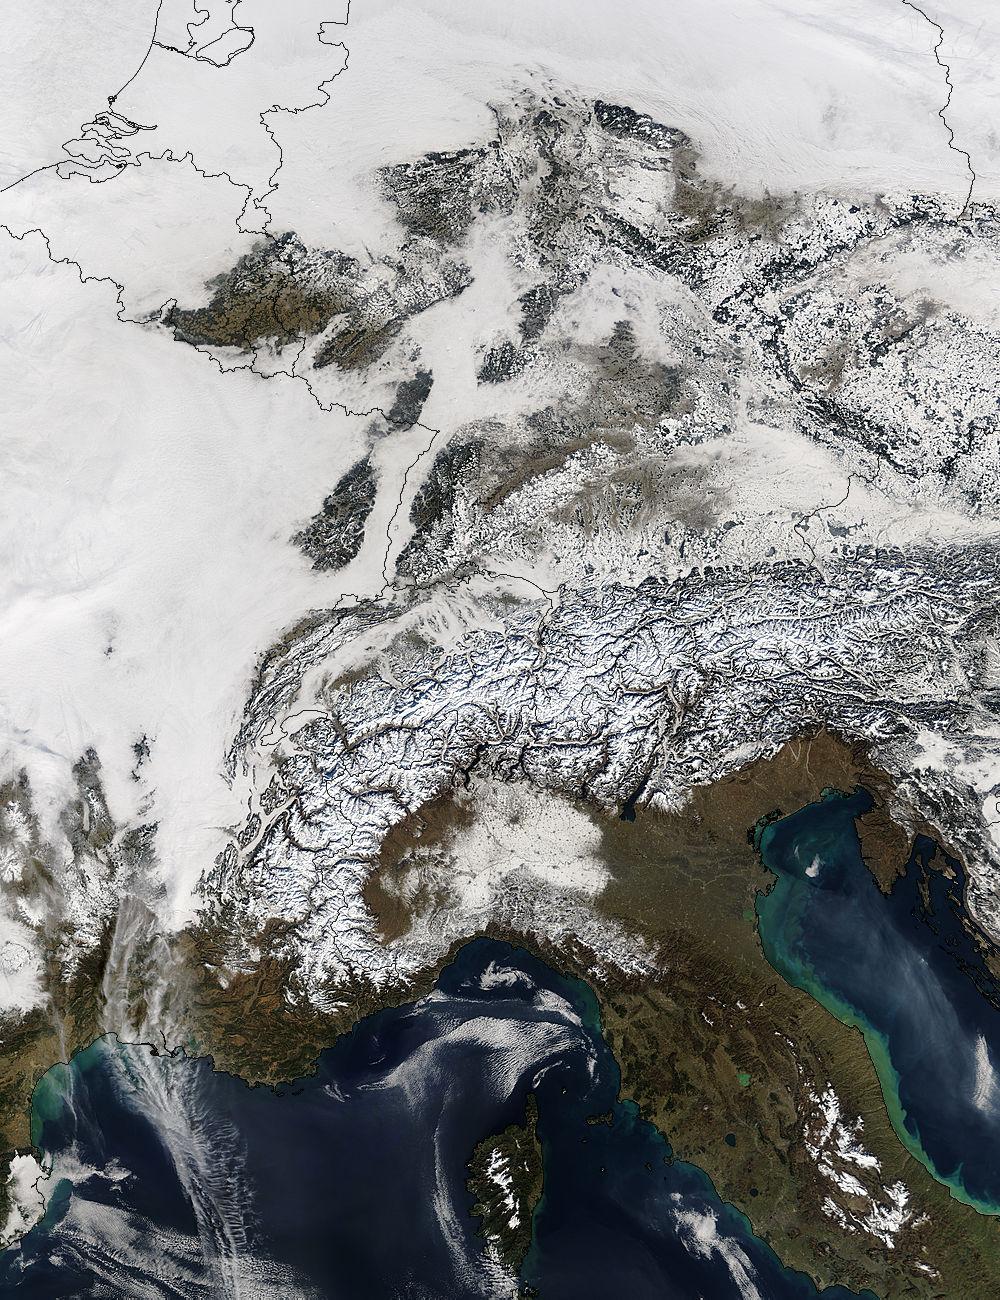 Alpen als Wetterscheide: Nördlich Nebel und Hochnebel (hellgrau), südlich Sonne. In hellem Weiß erkennt man die Schneeflächen. Quelle: NASA Visisble Earth